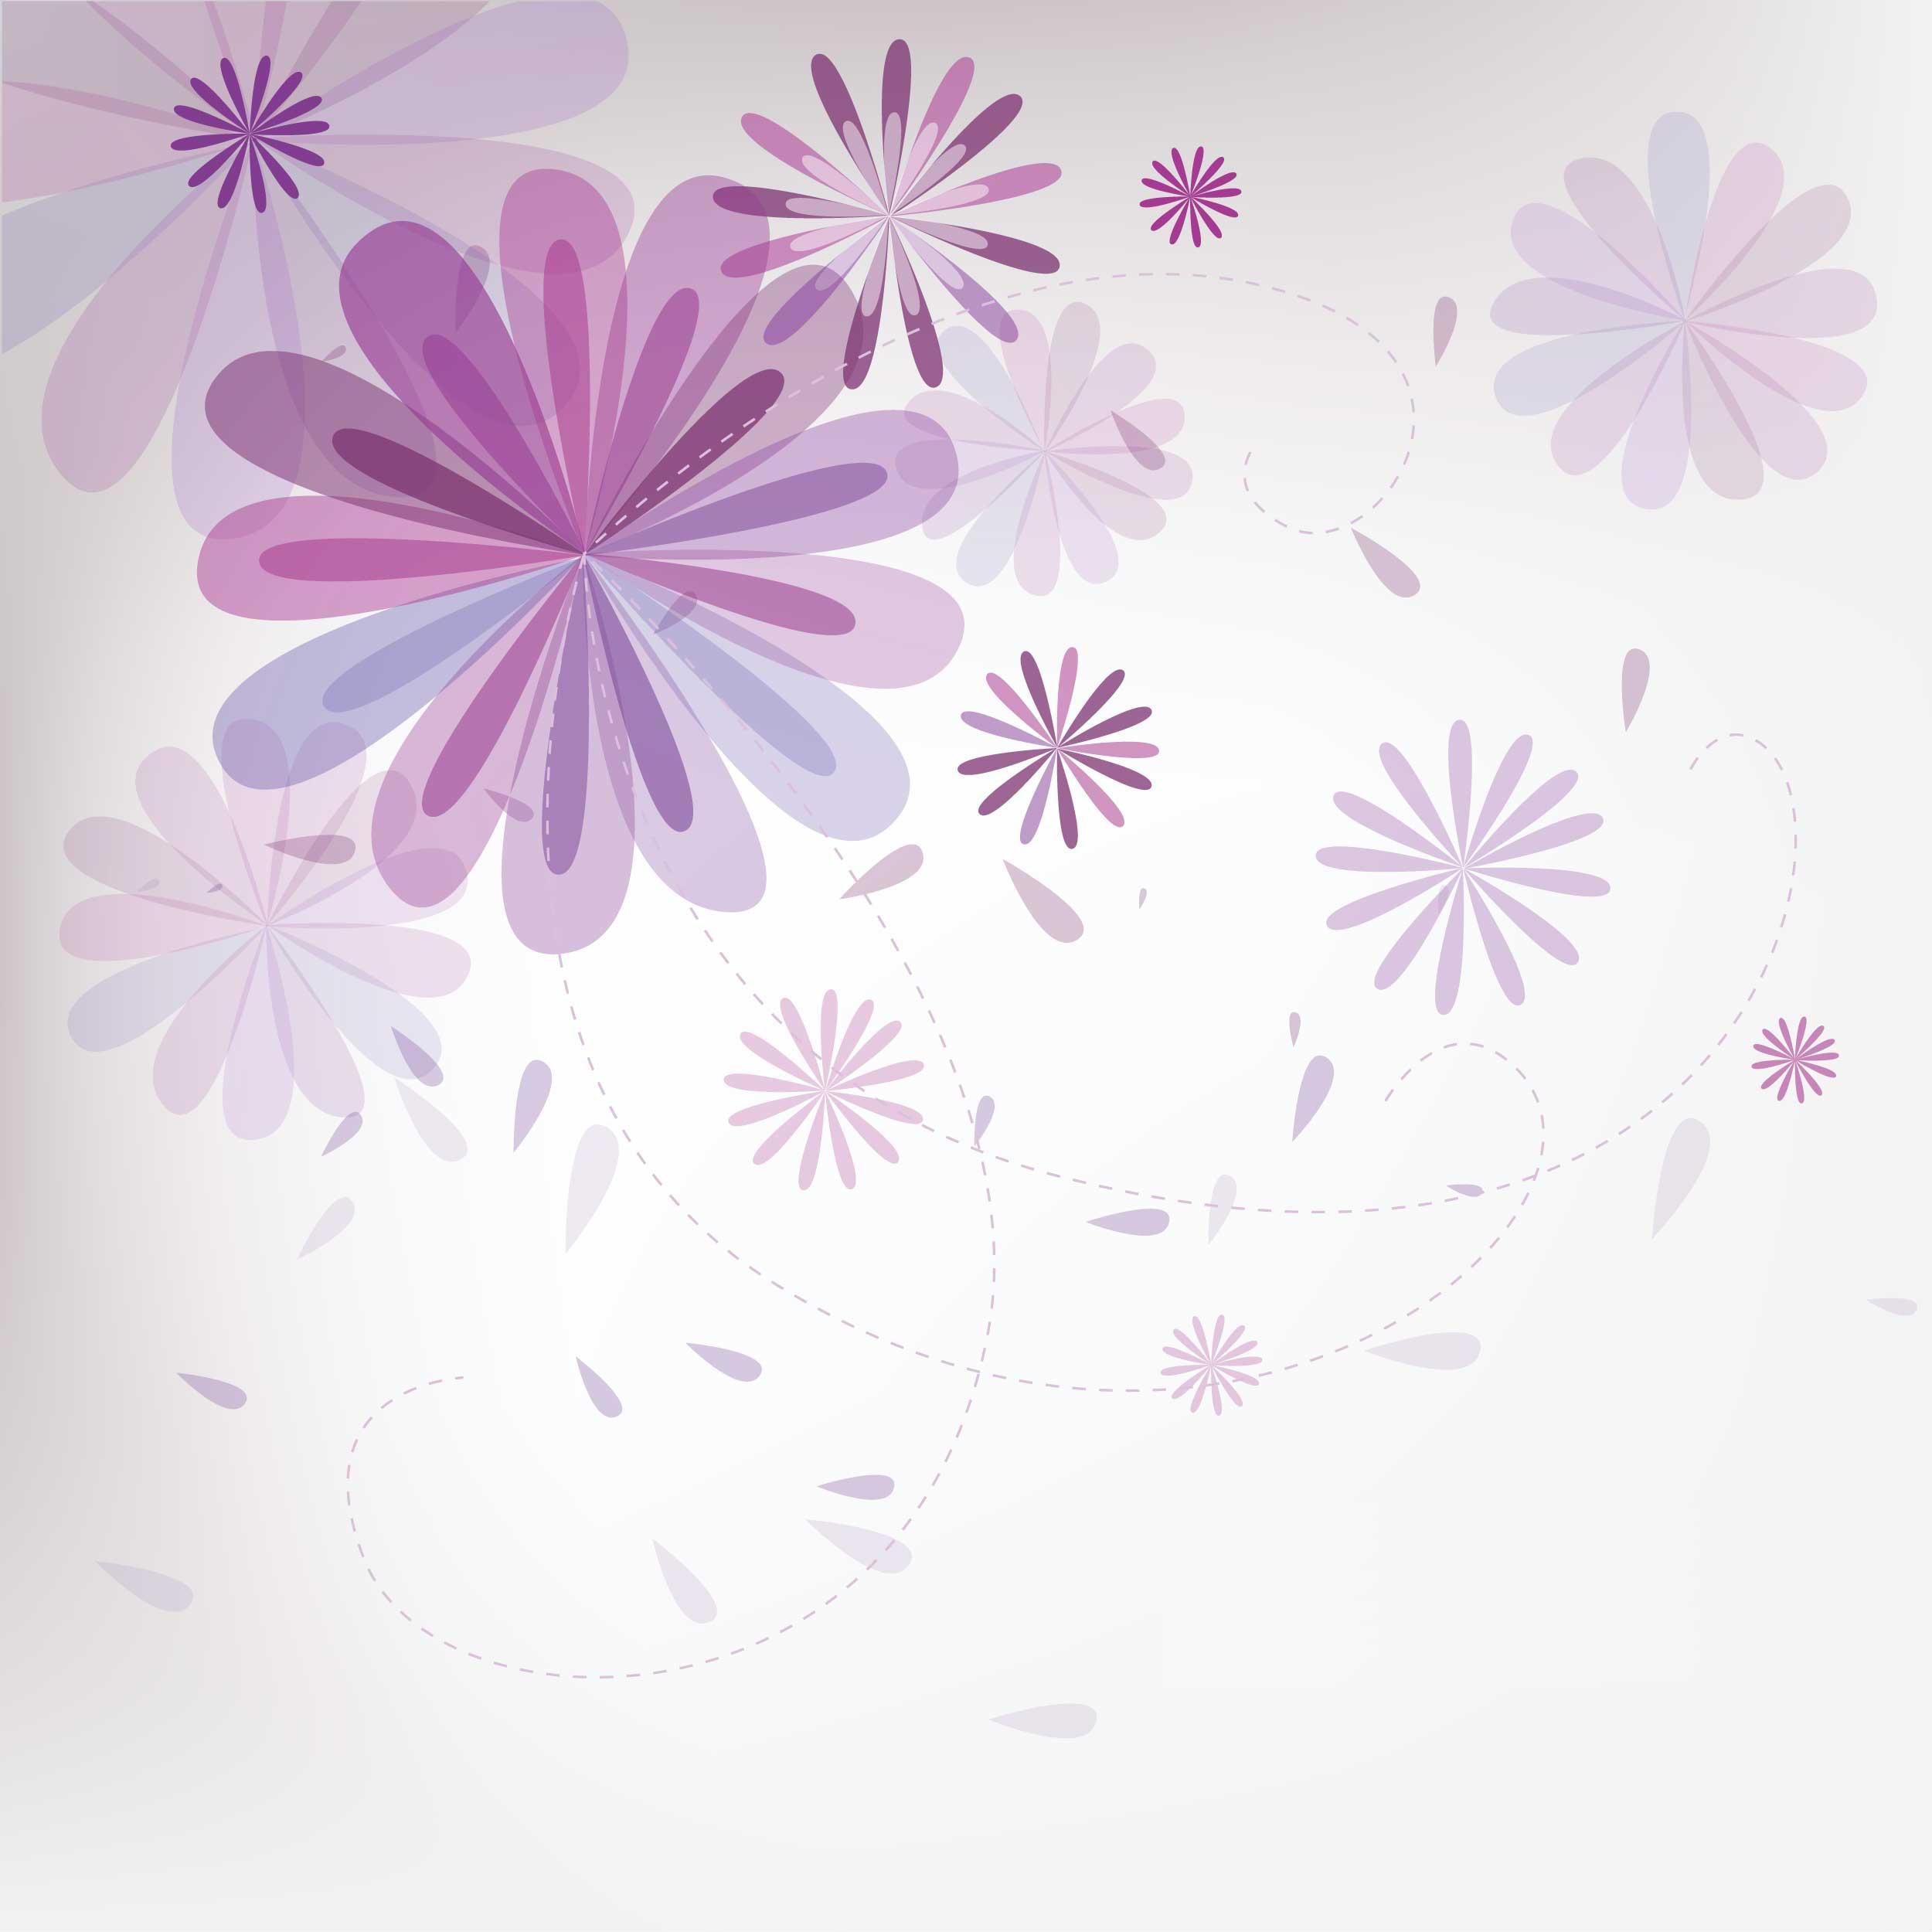 花のイラスト・フリー素材/壁紙・背景no.021『紫・花びら・淡い光彩』